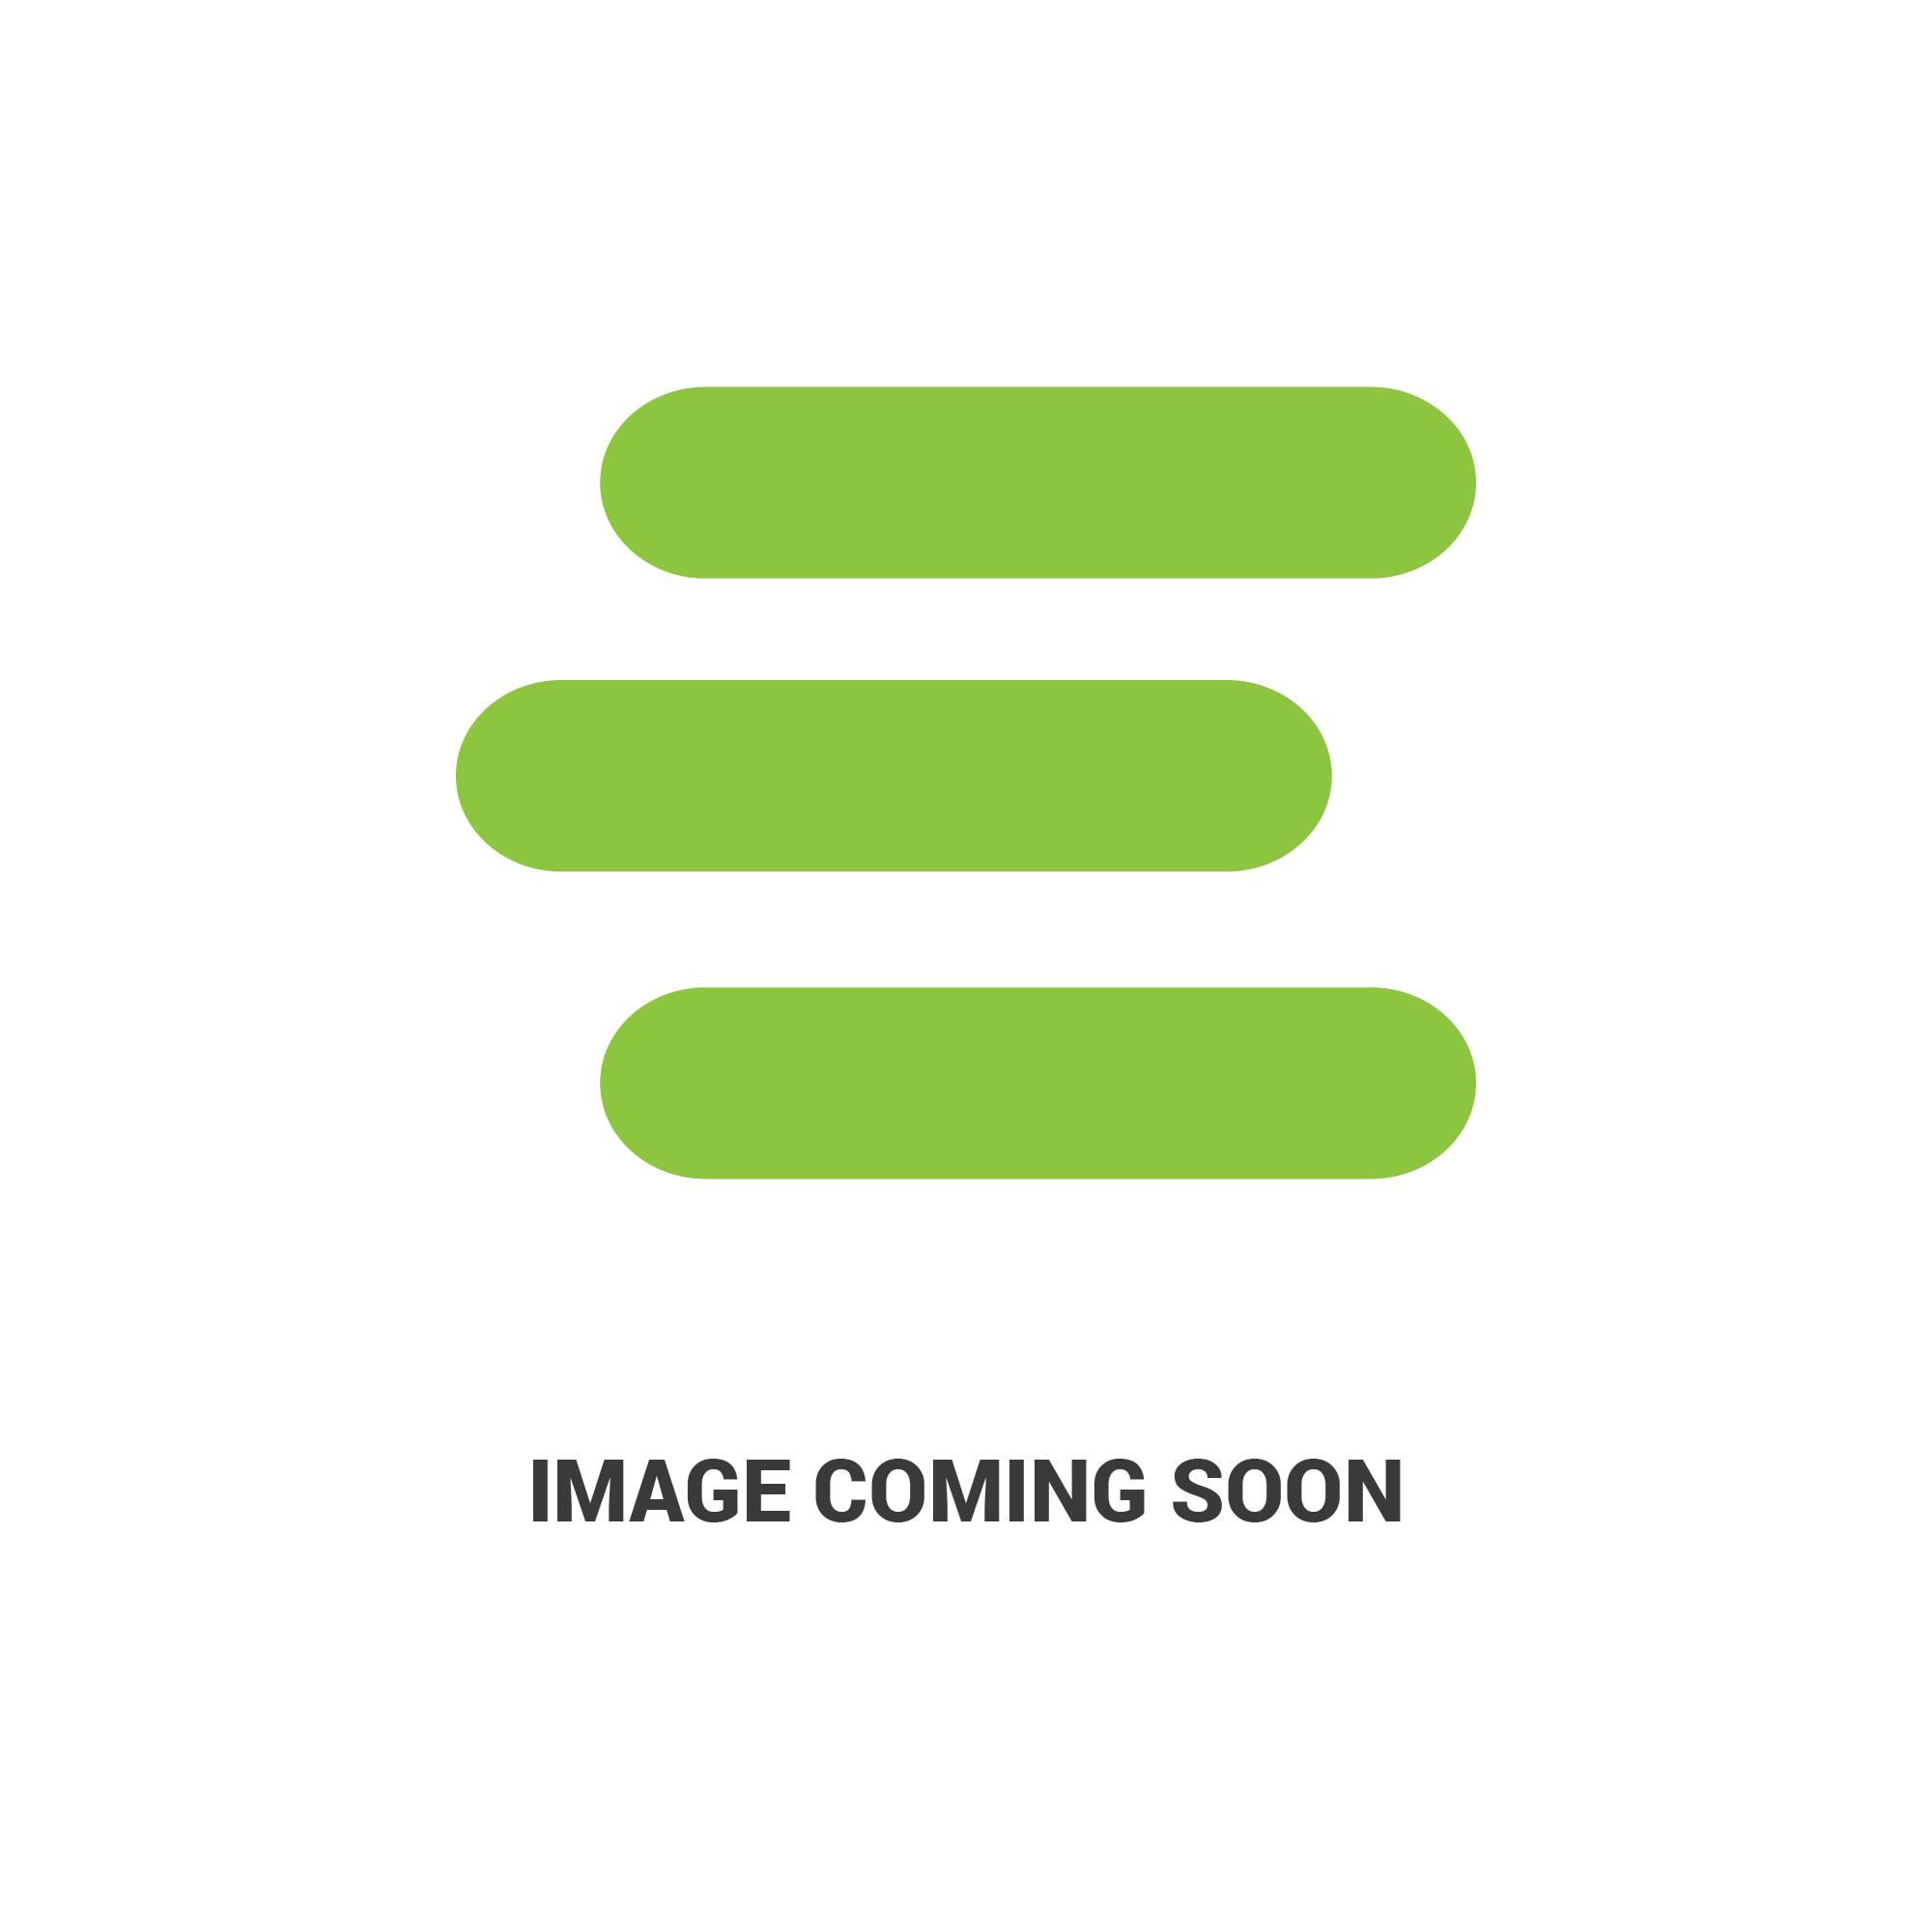 E-6A700-18810edit 264.jpg